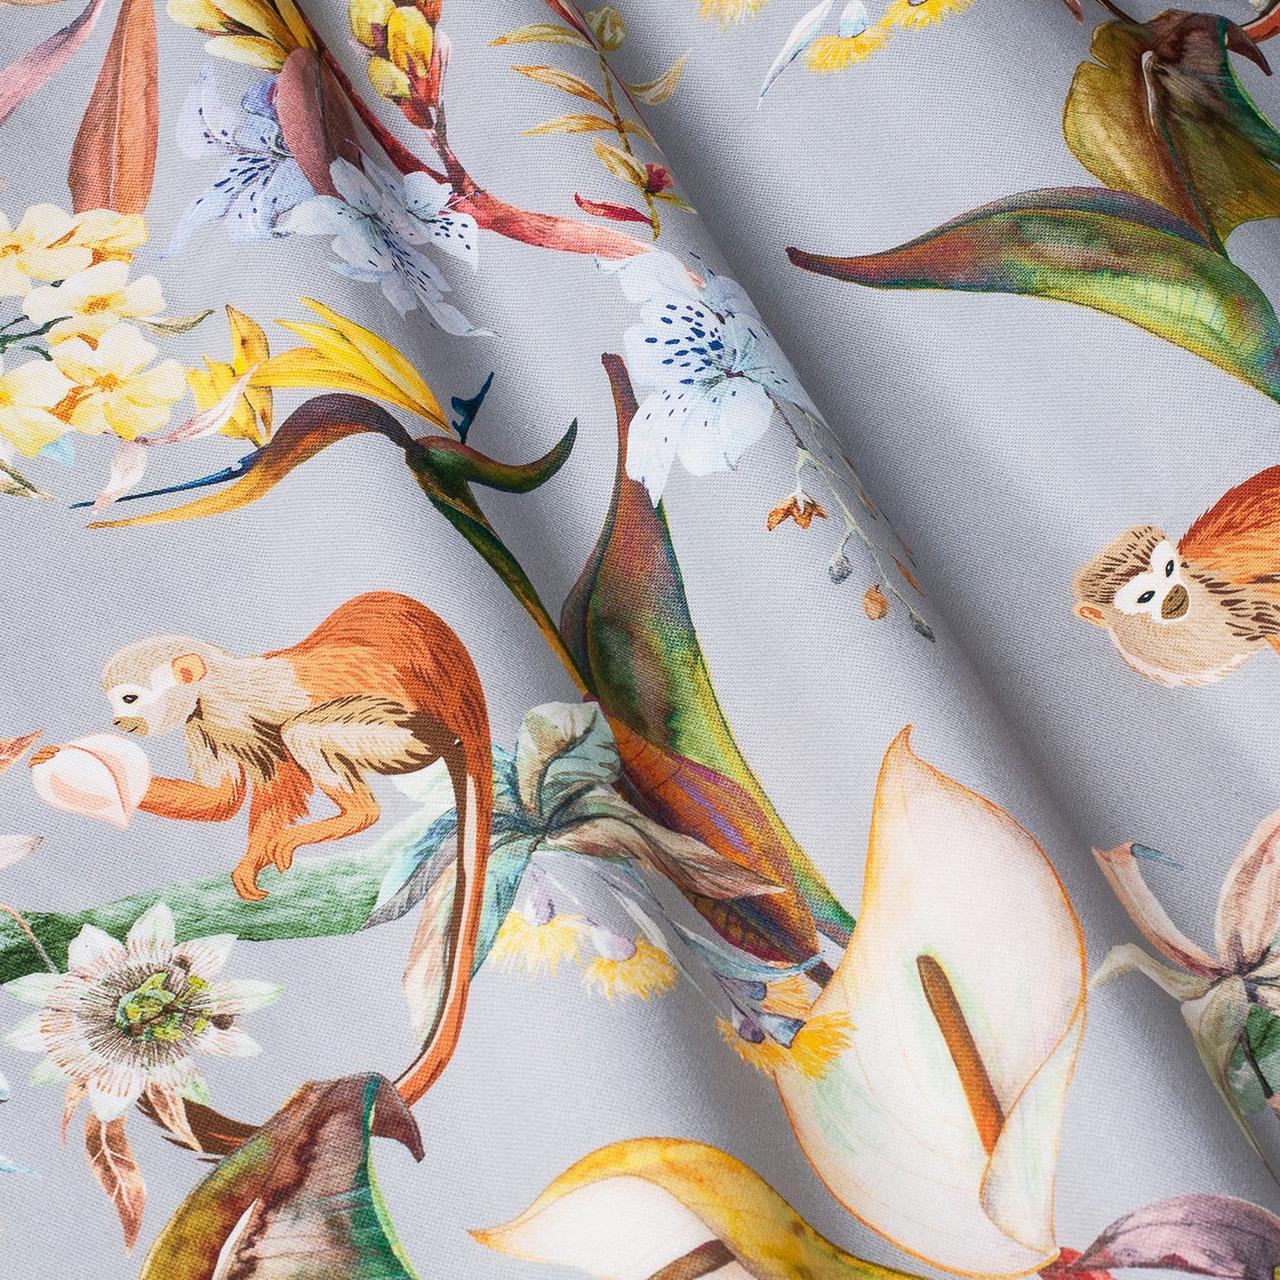 Декоративна тканина помаранчеві тварини на сірому тлі Іспанія 87883v6